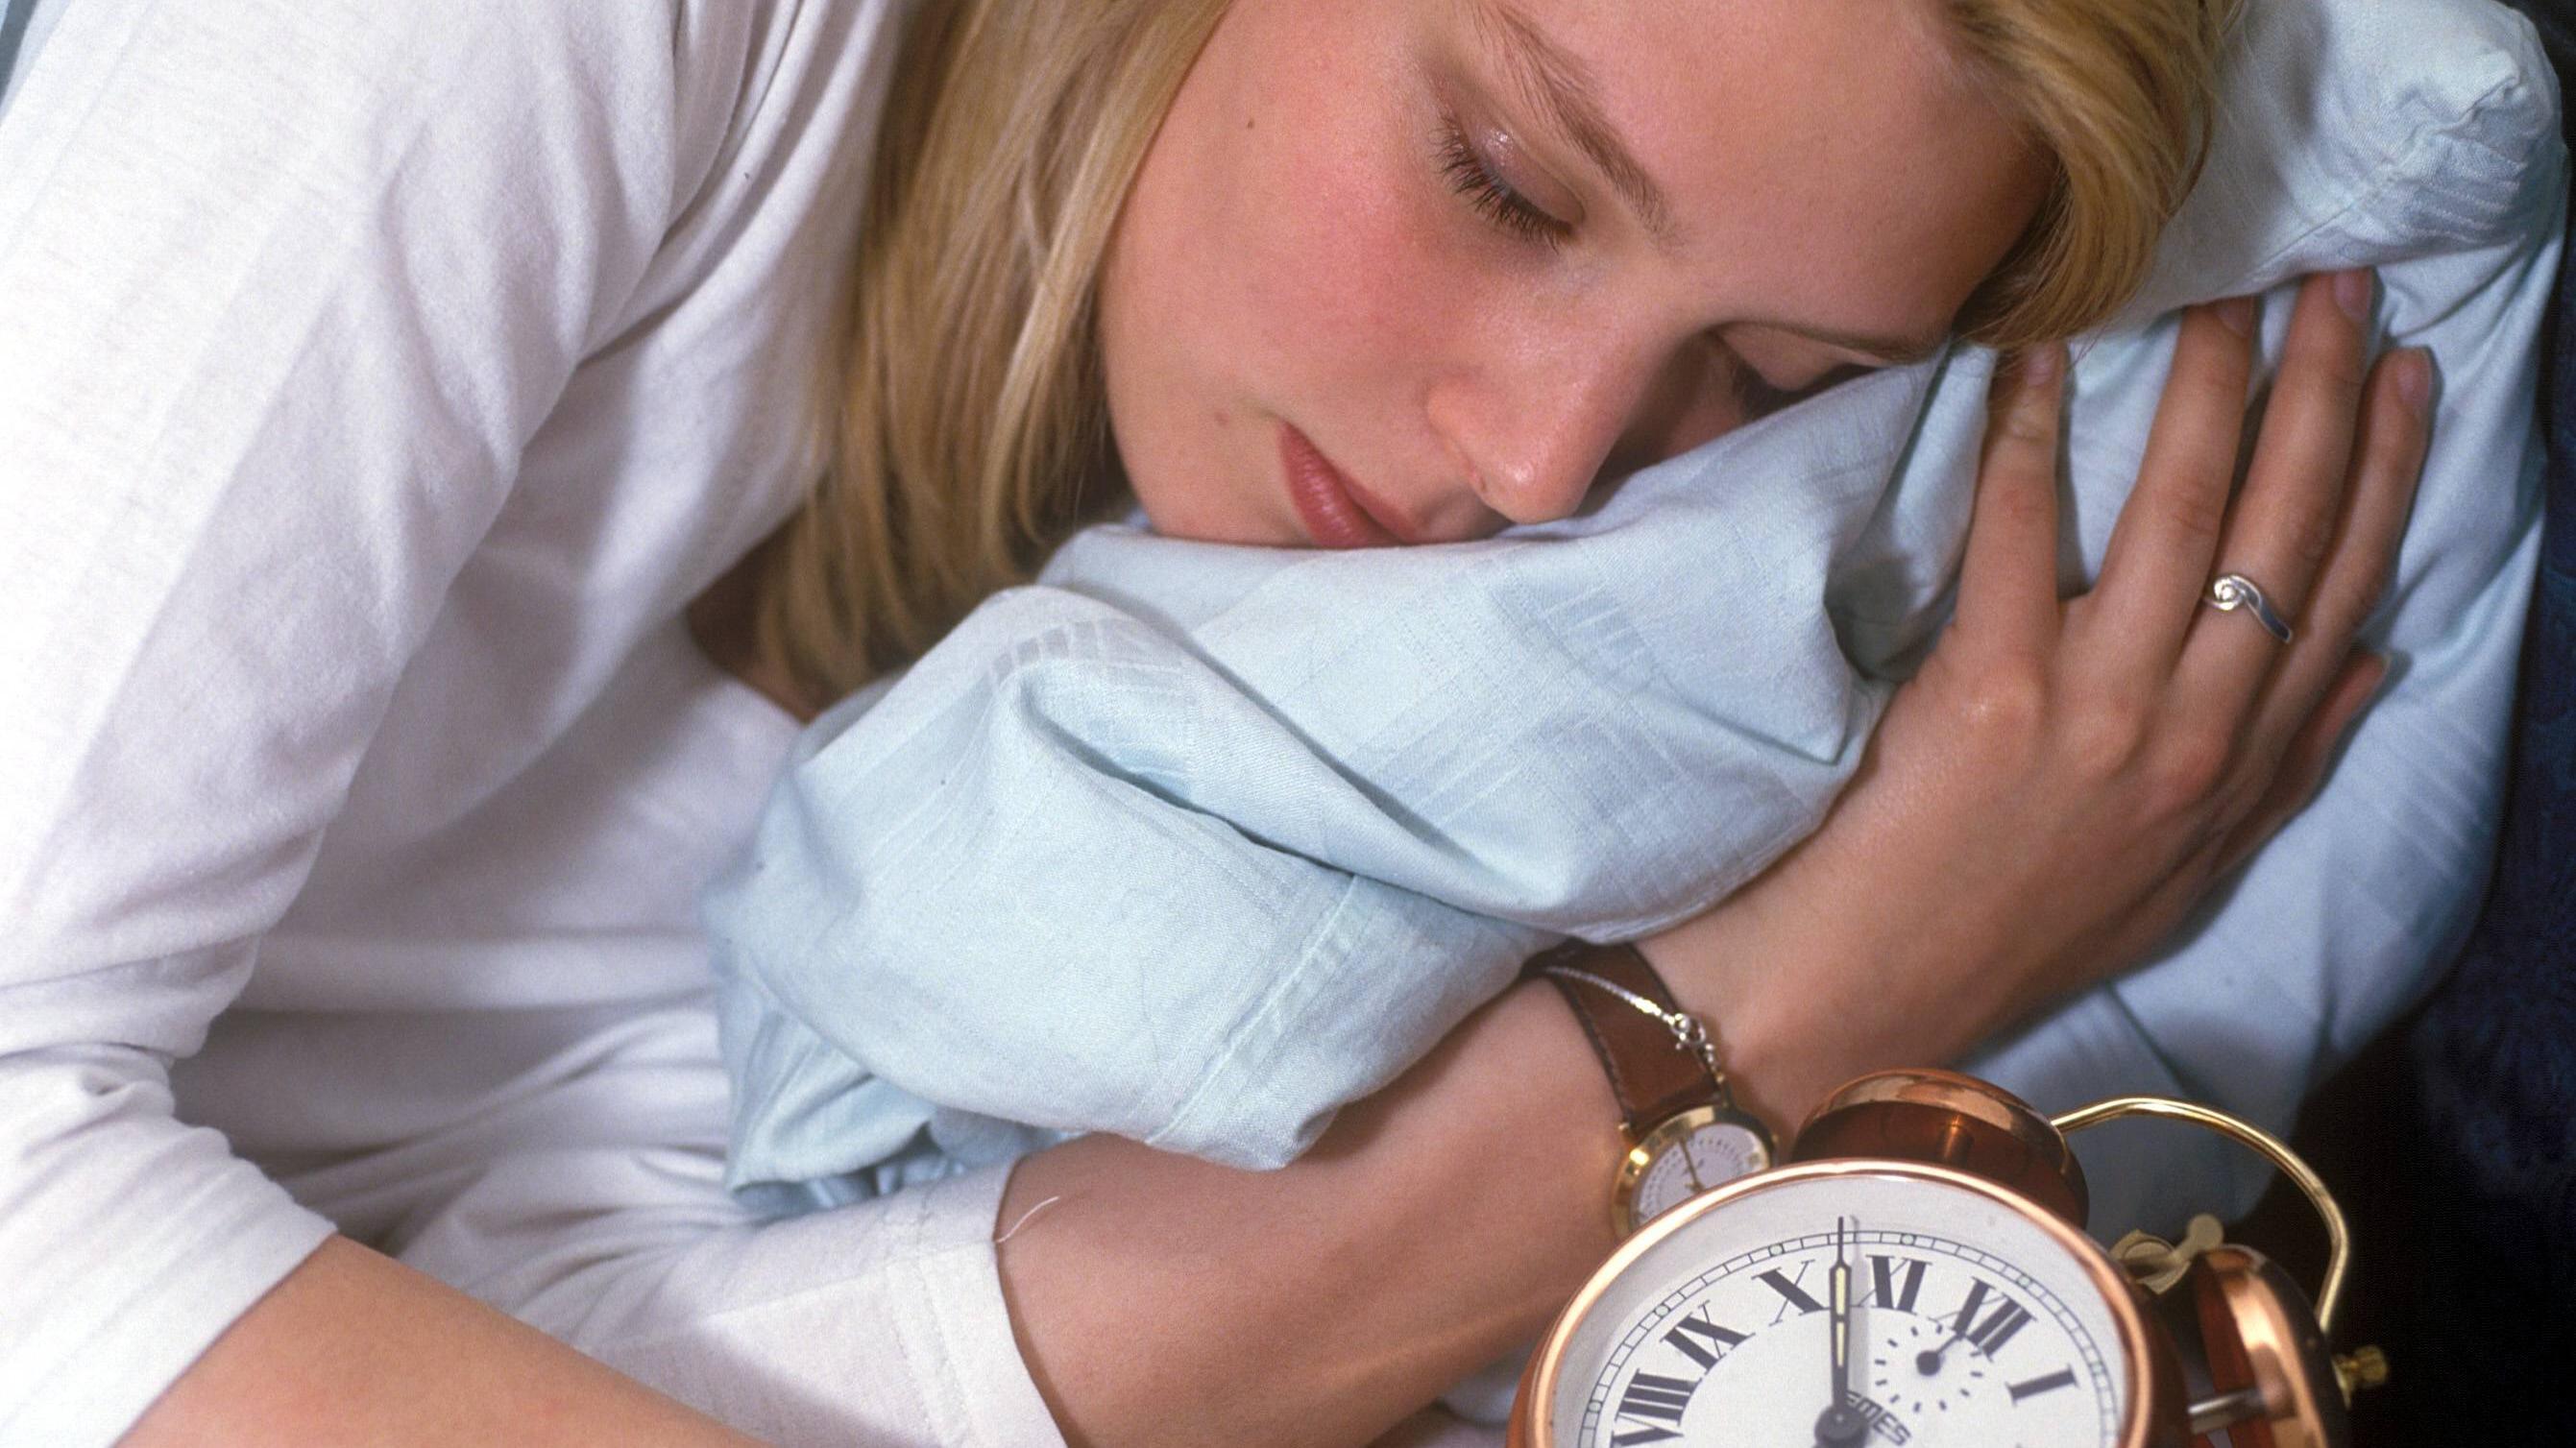 Die innere Uhr umzustellen benötigt Zeit und Disziplin.